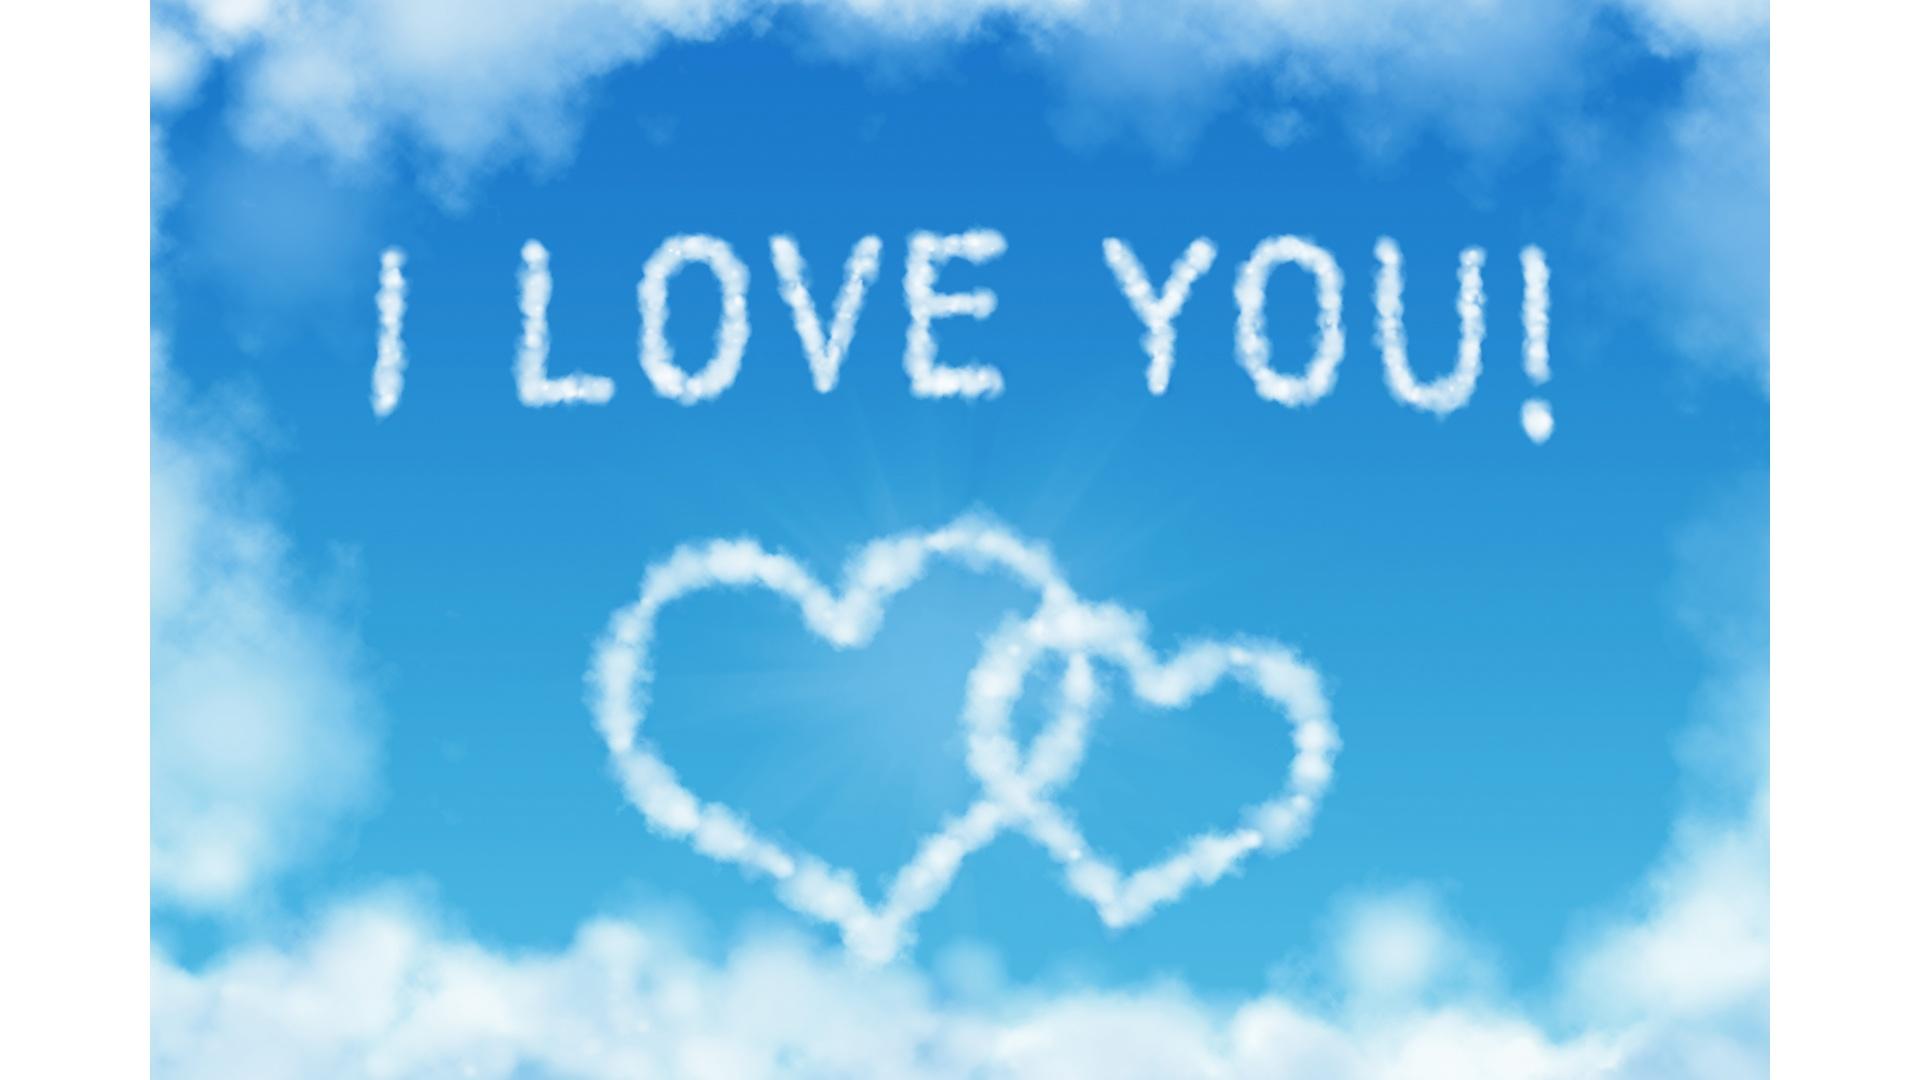 بالصور خلفيات عن الحب , خلفيات رومانسية لم ترها من قبل 3396 1